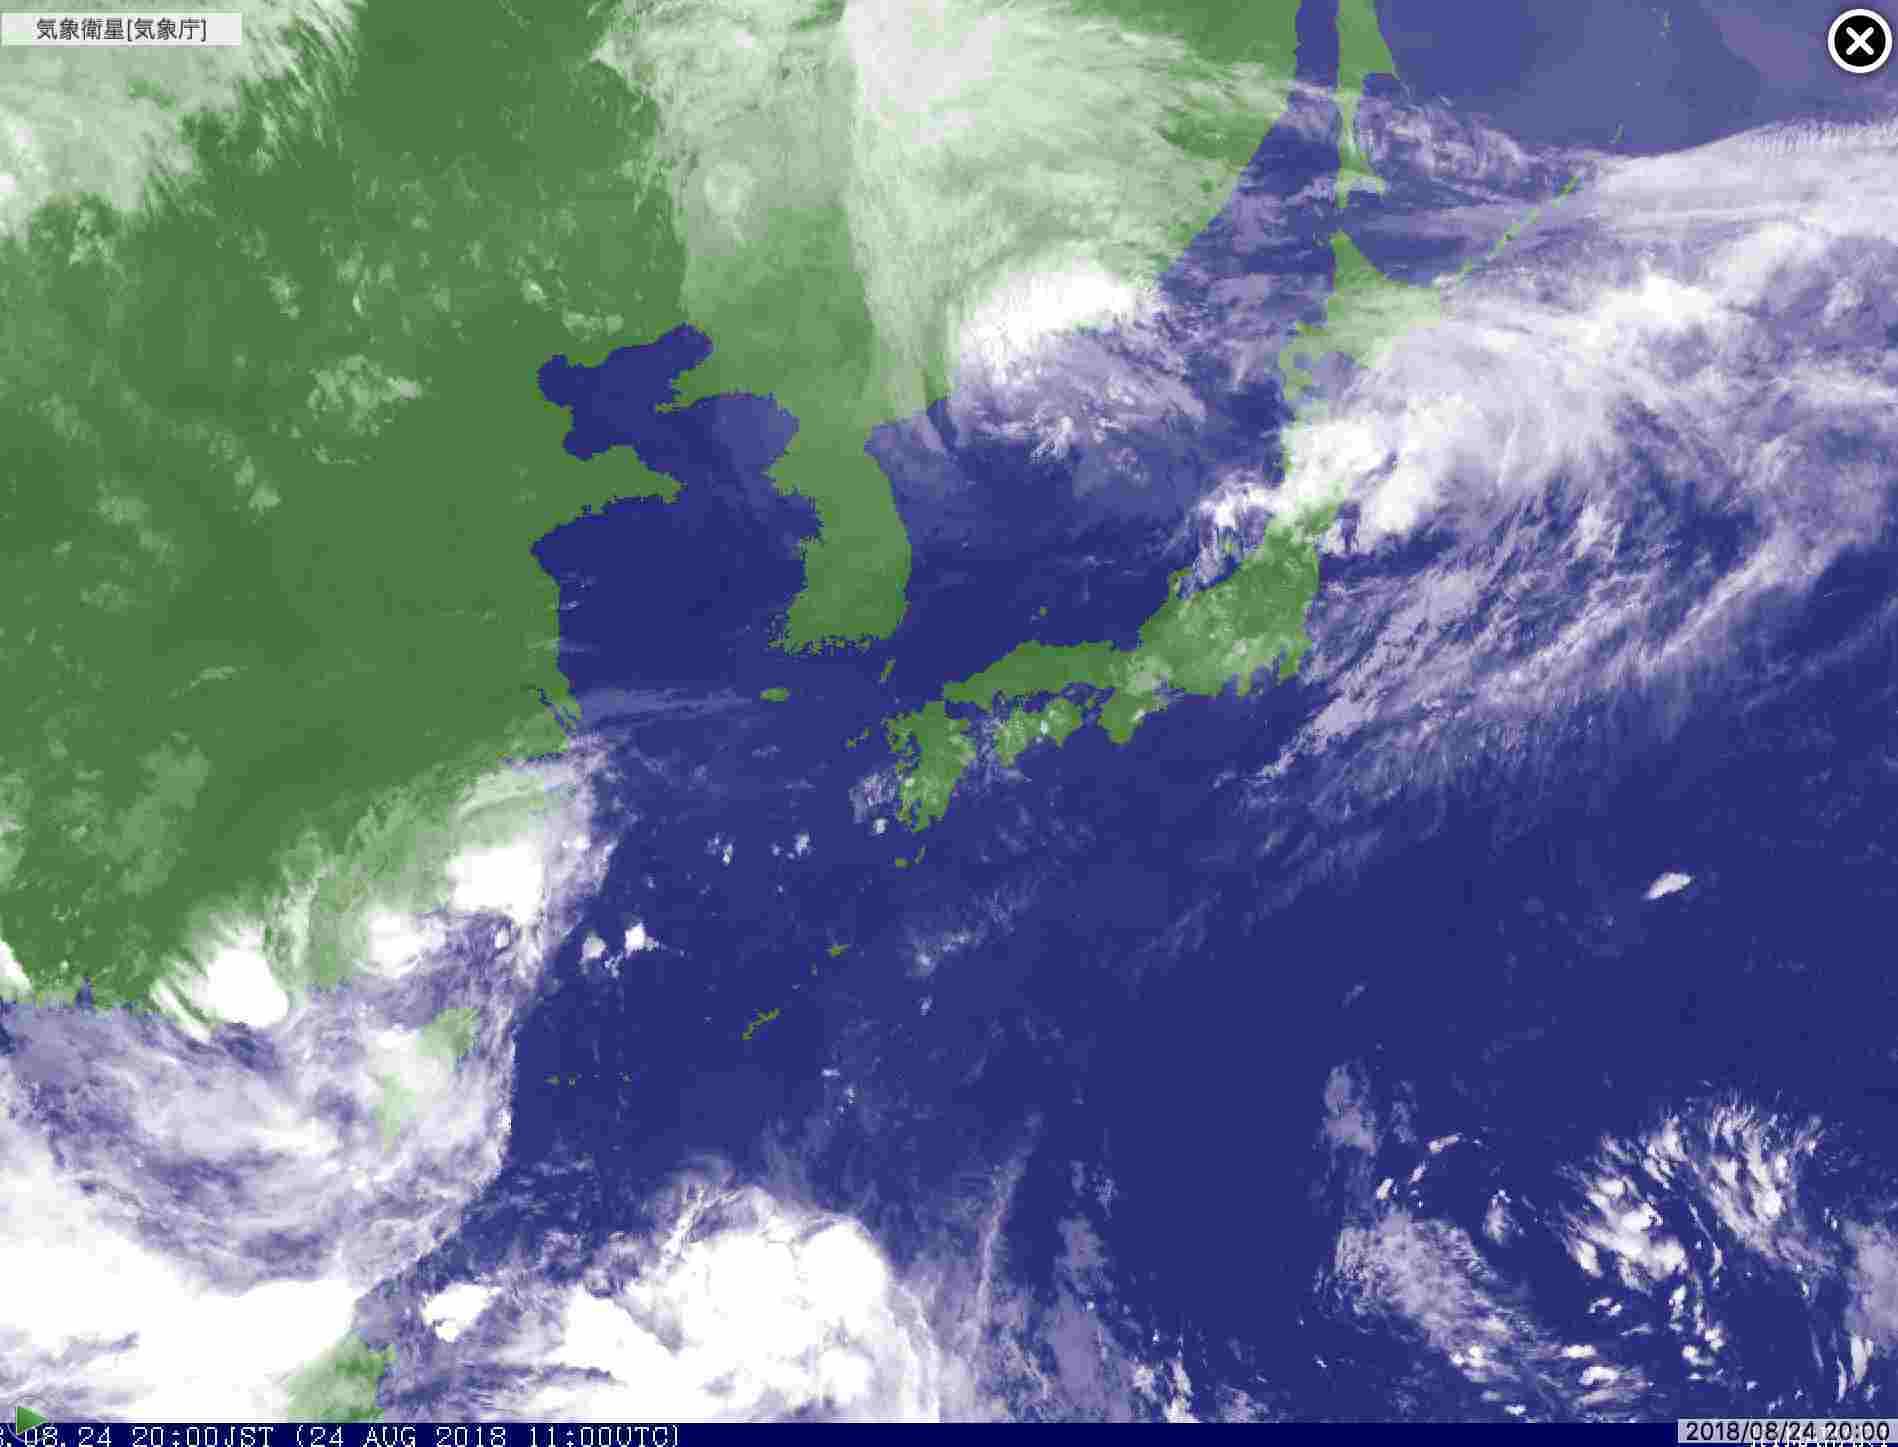 ツイン台風が崩れながら北海道接近中_c0025115_21140850.jpg